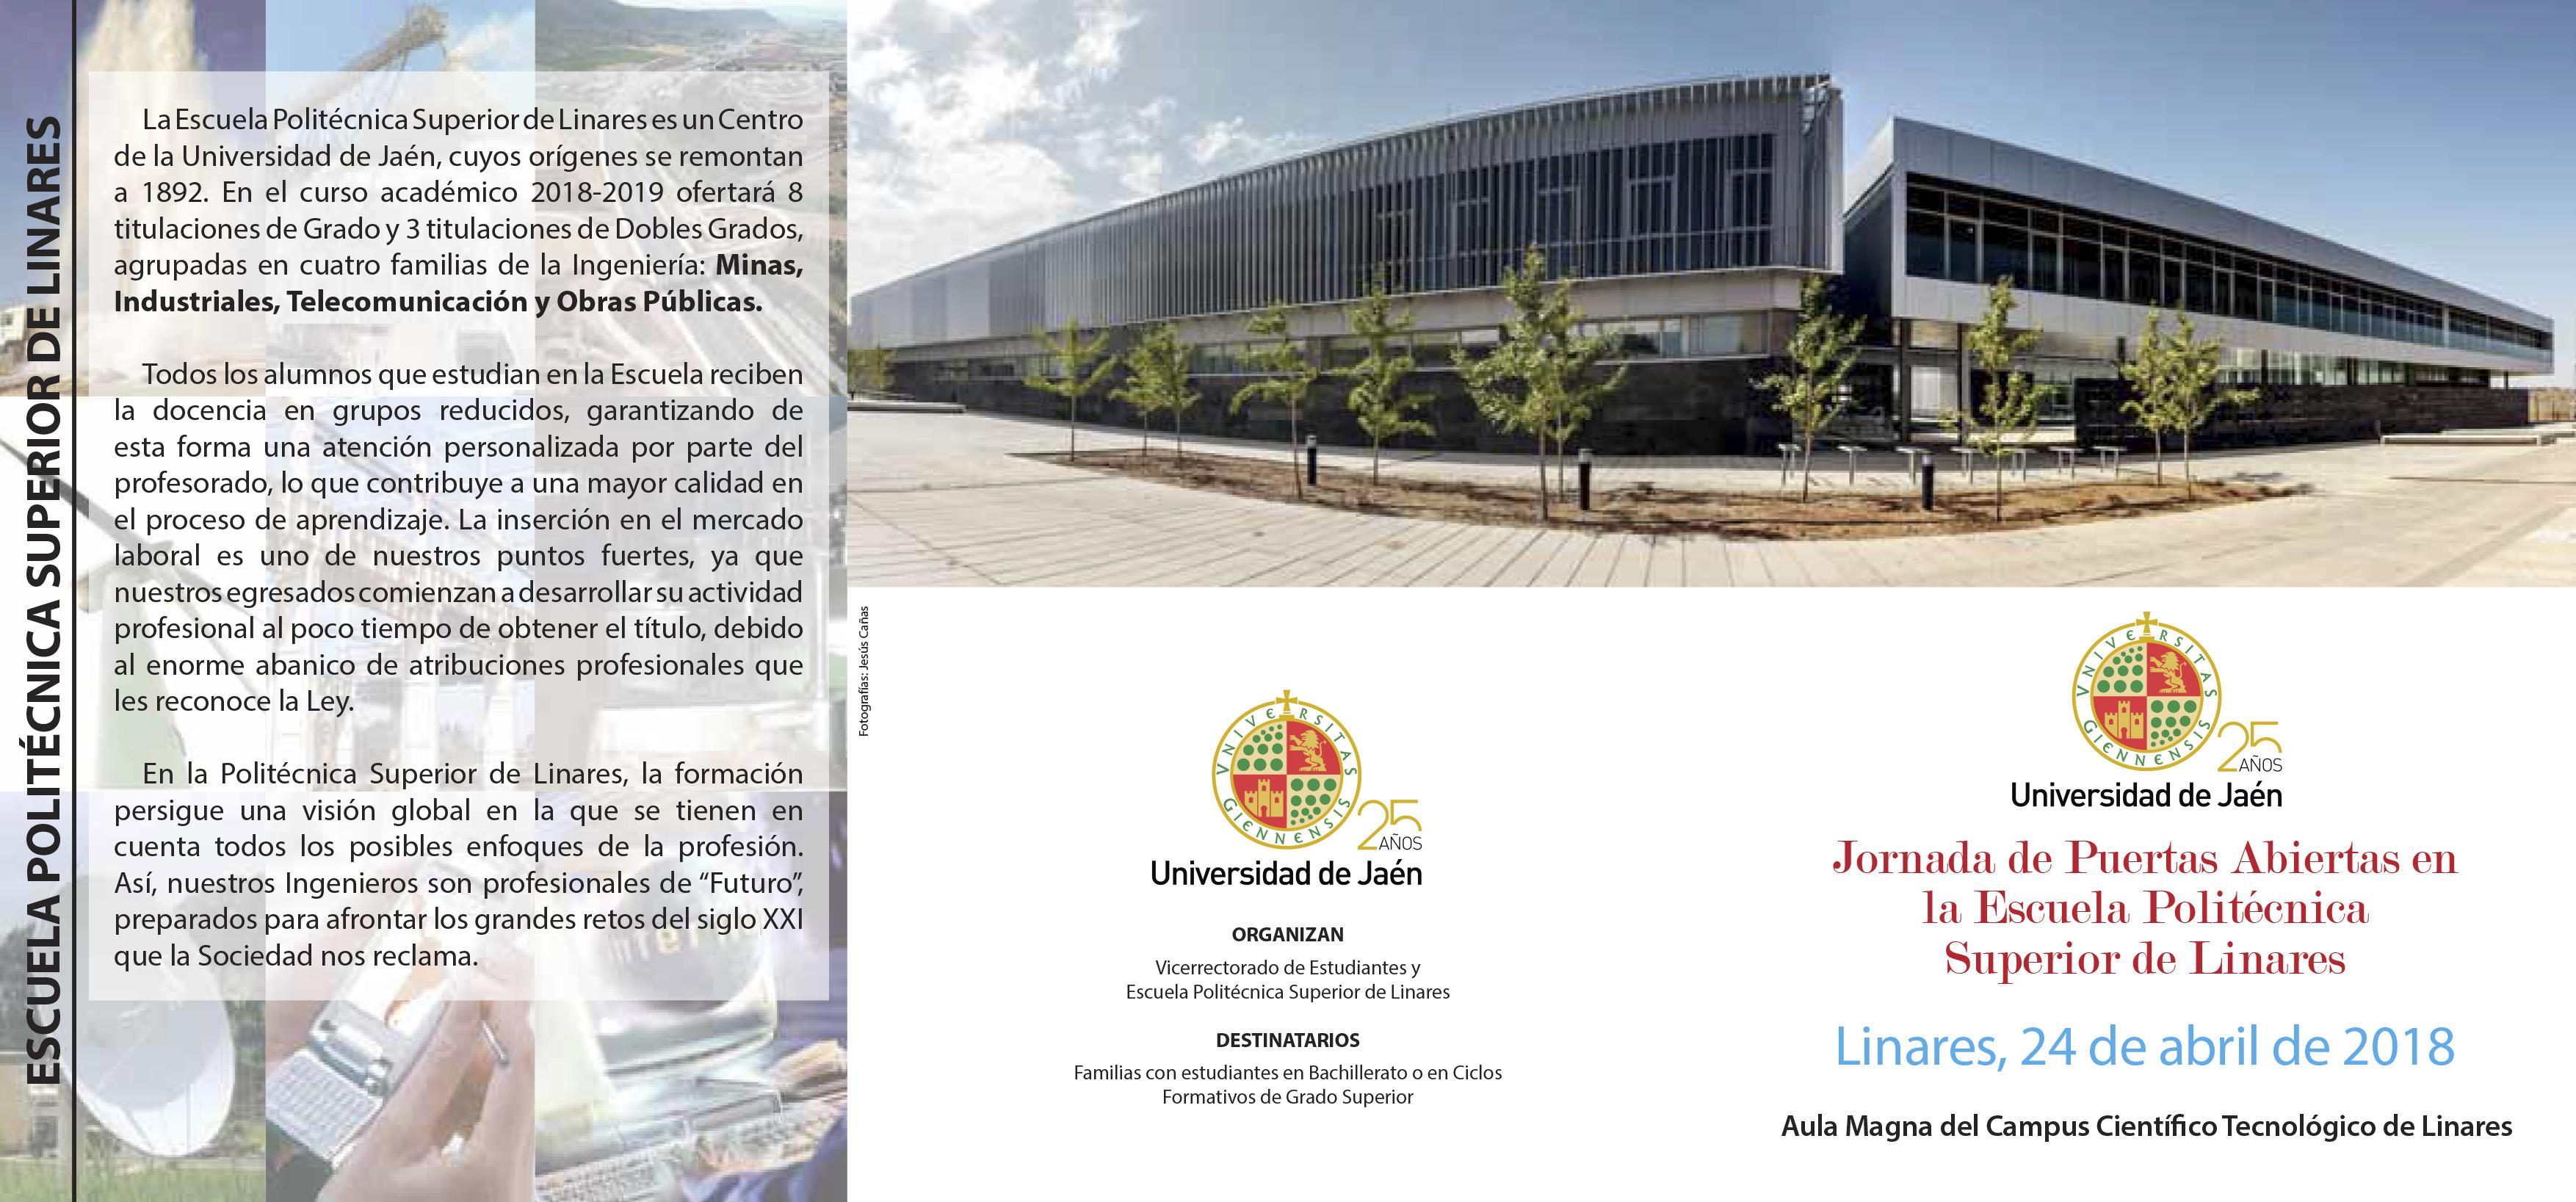 Realizada La Jornada De Puertas Abiertas Del Campus